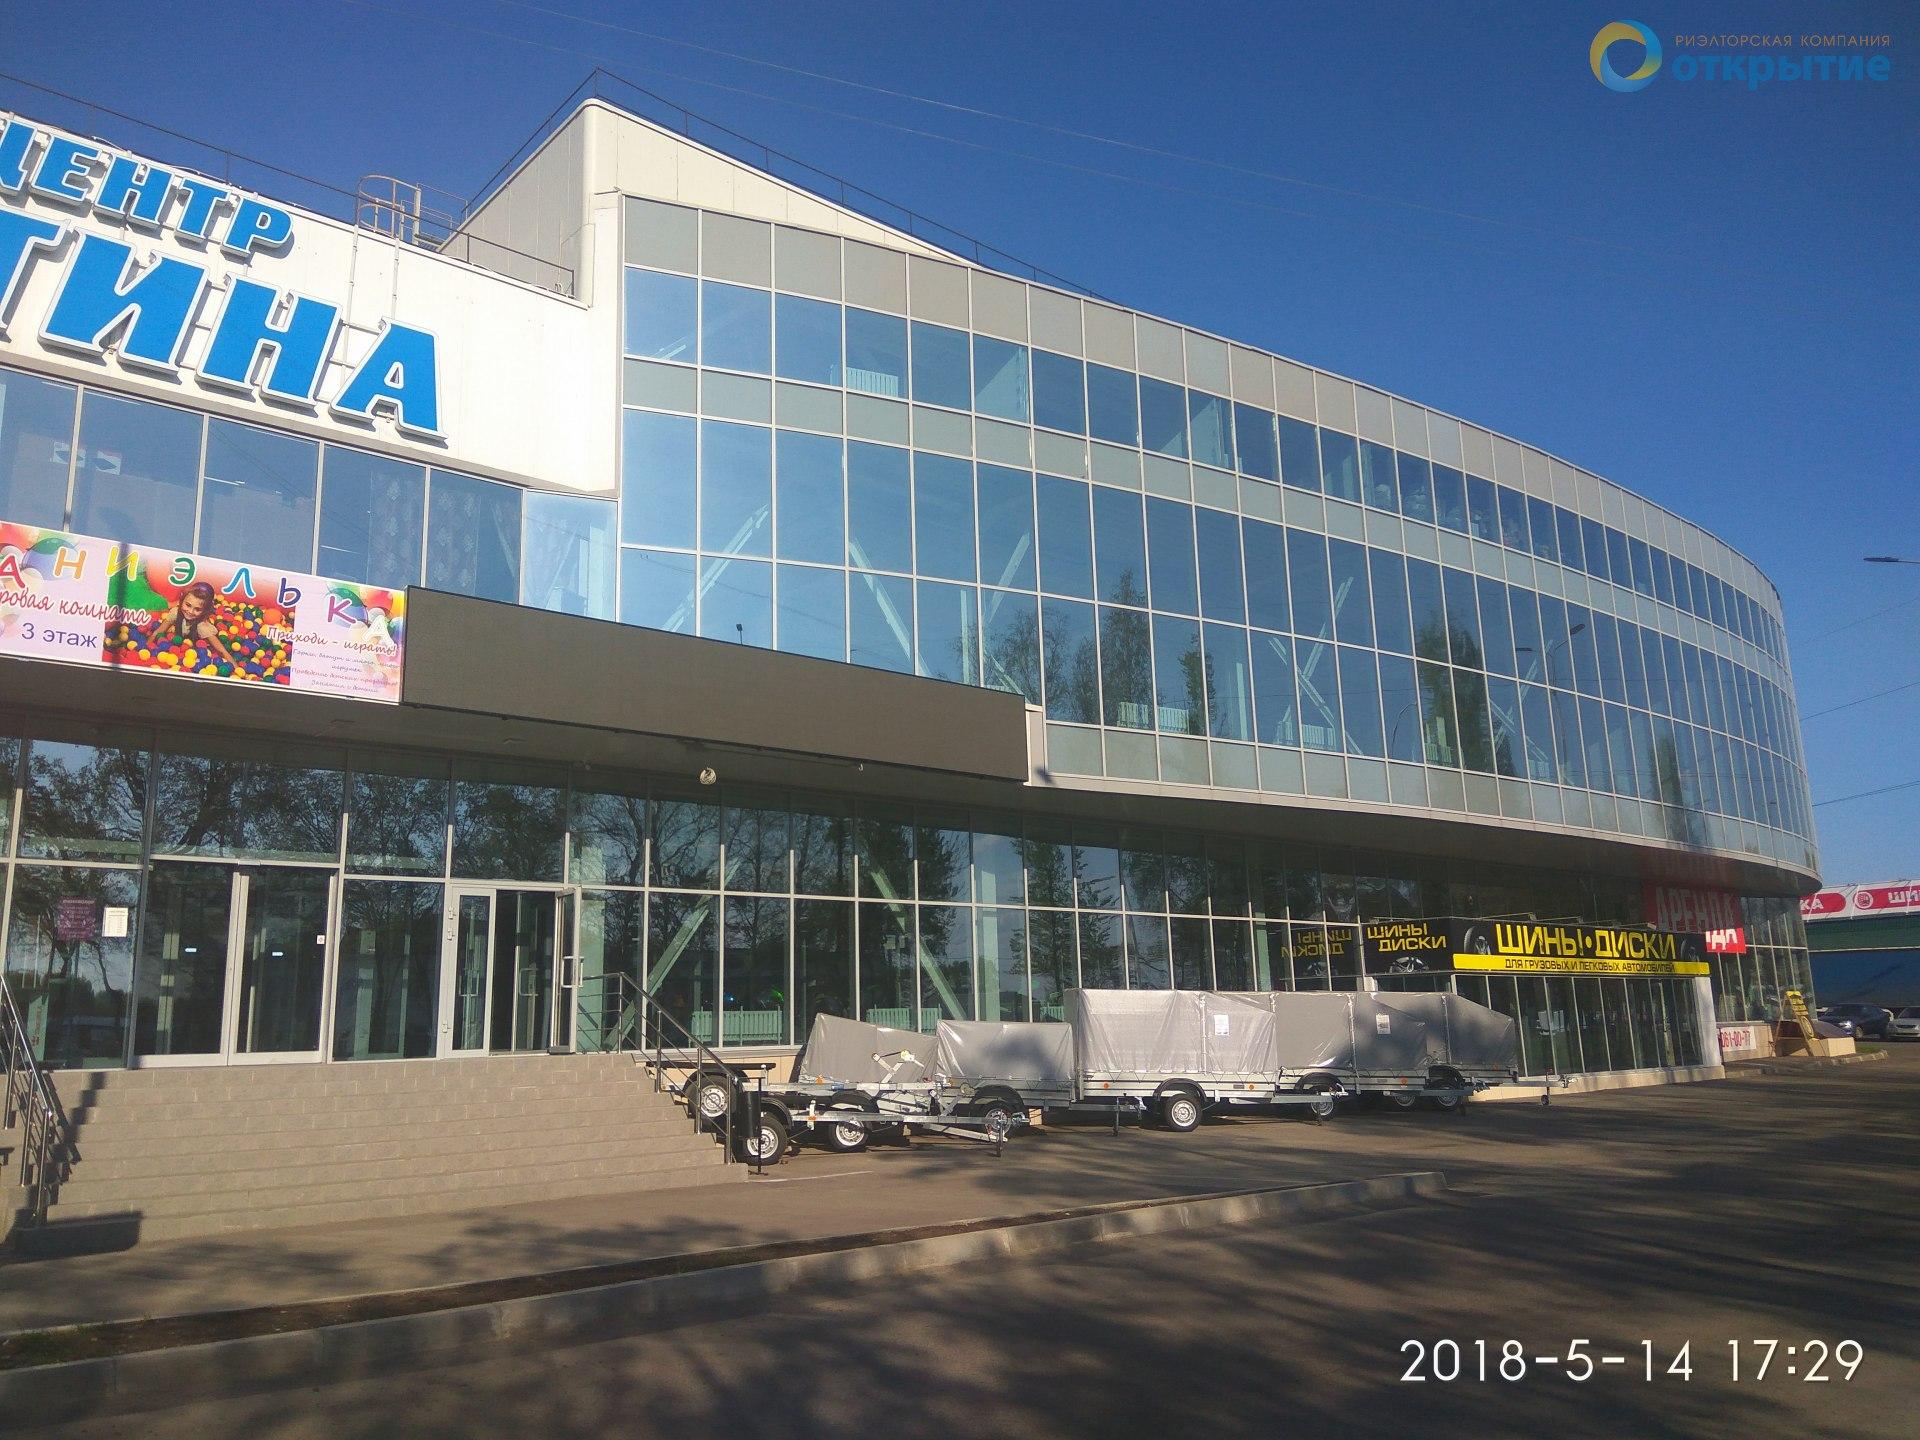 Вологда, городской округ Вологда, Вологда, улица Чернышевского, 120Г